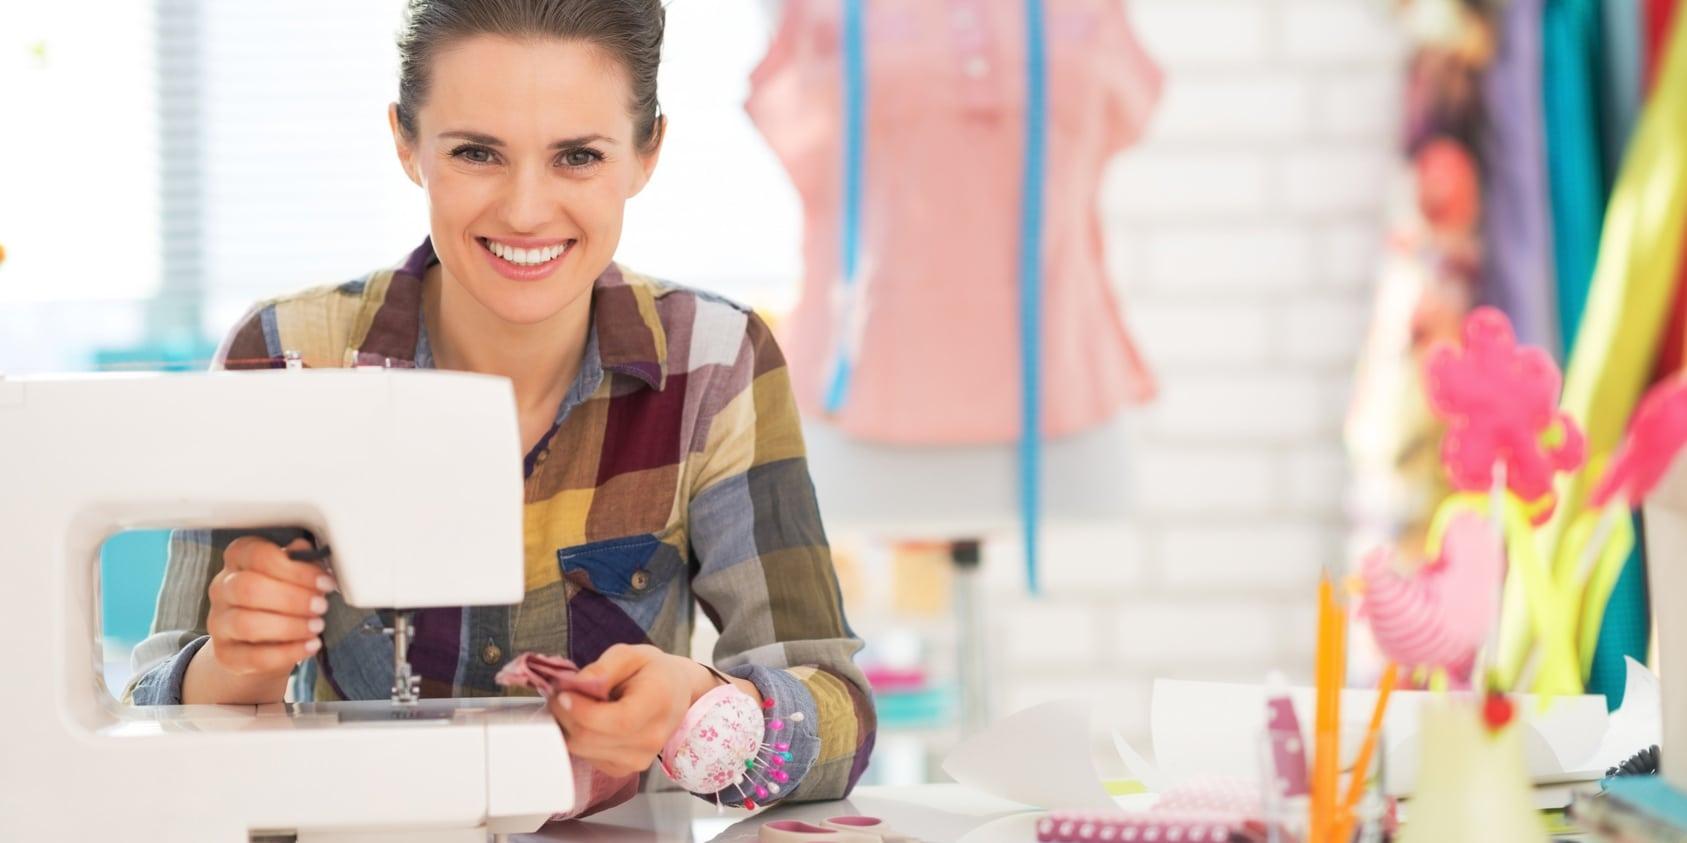 Einstieg in die Mode-Branche